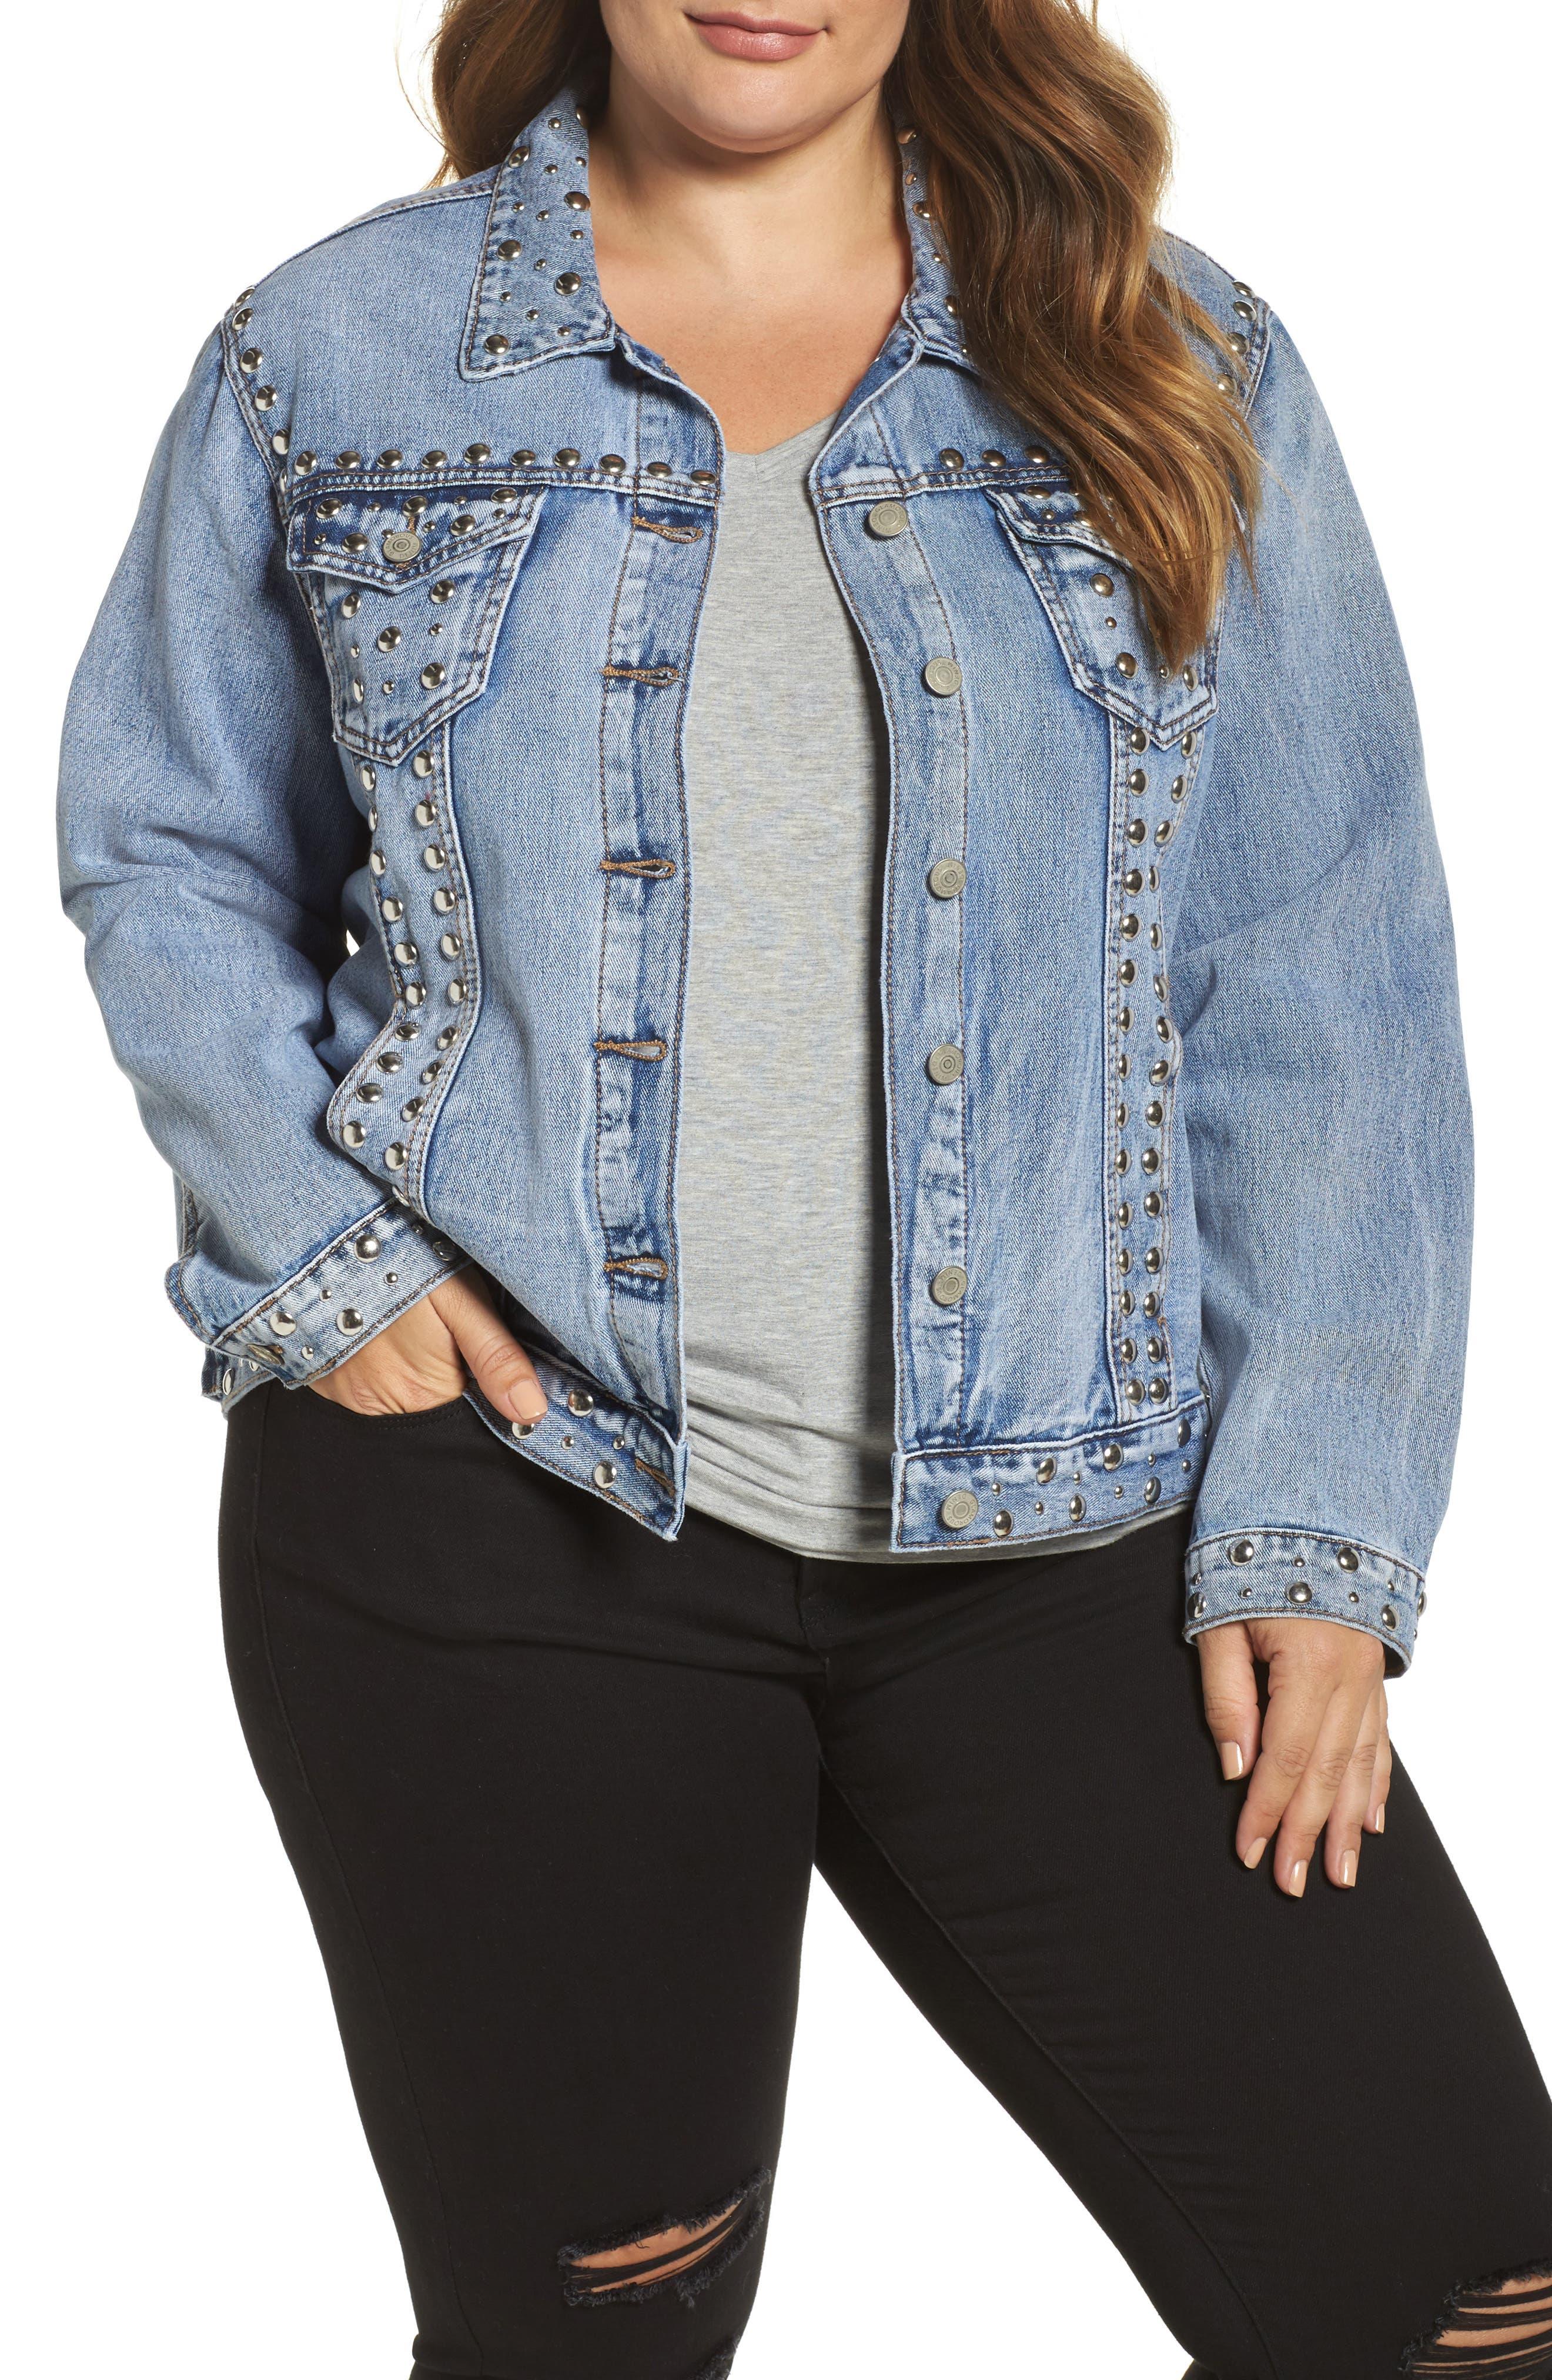 Main Image - Glamorous Studded Jean Jacket (Antique) (Plus Size)